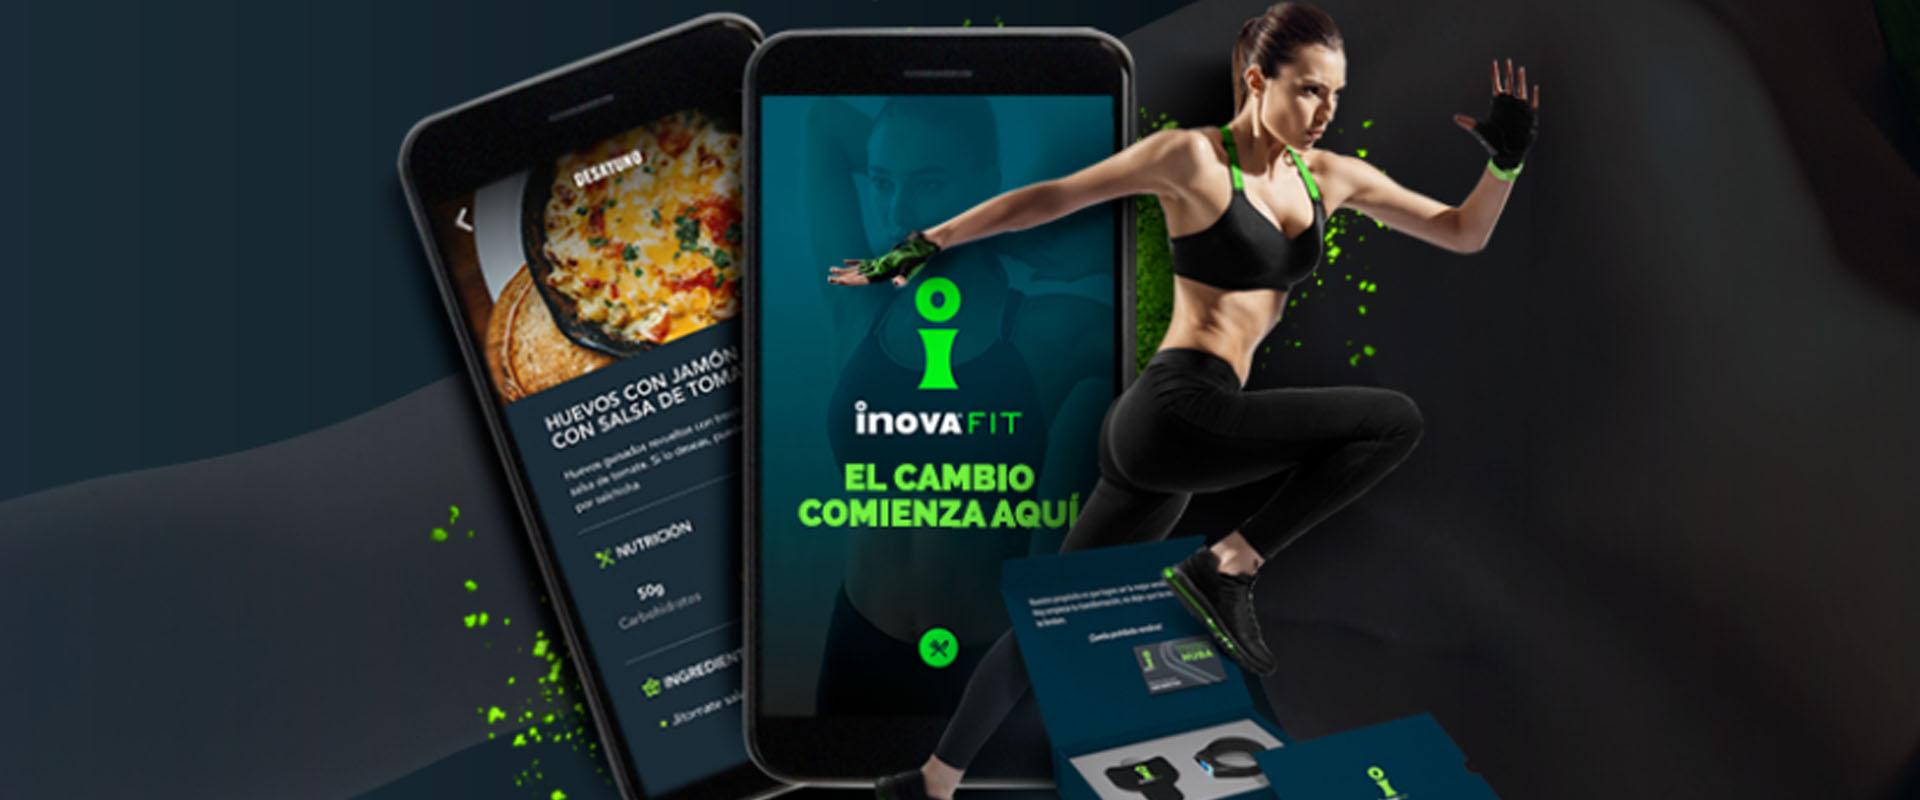 ¿InovaFIT es mejor que el gym? Descúbrelo este Buen Fin